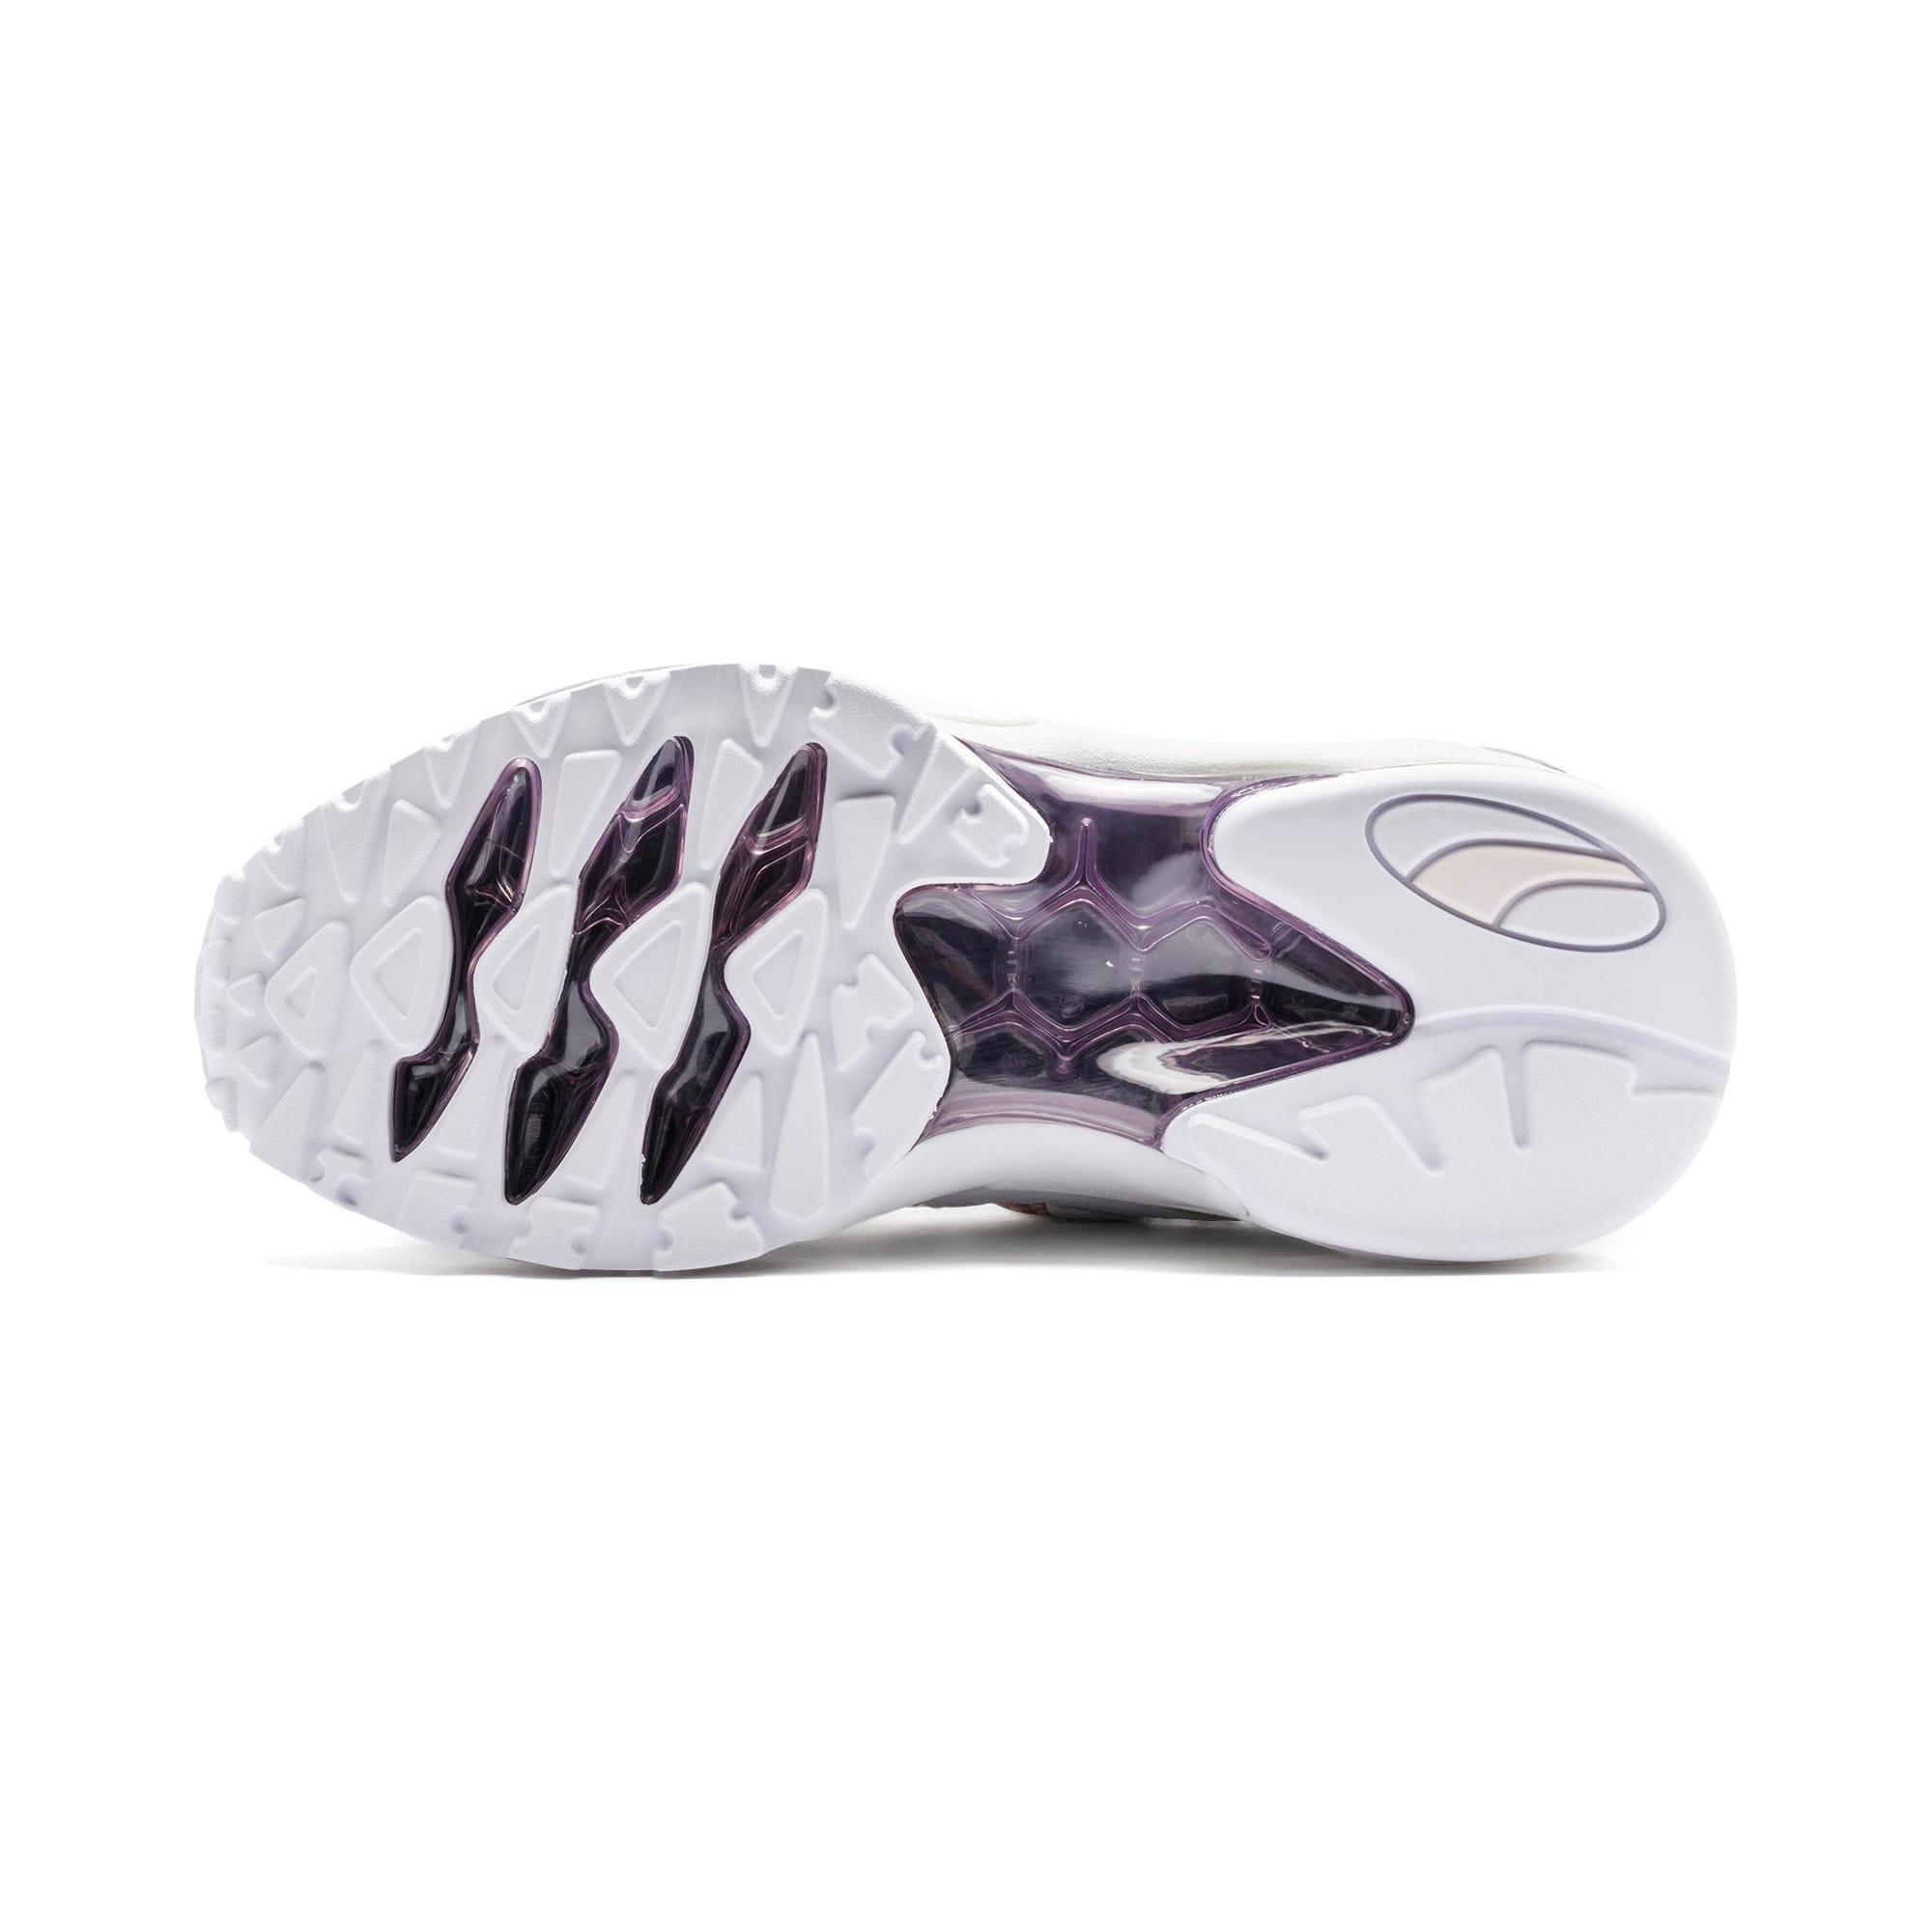 Thumbnail 5 of Scarpe da ginnastica CELL Endura Rebound, Puma White-Bridal Rose, medium